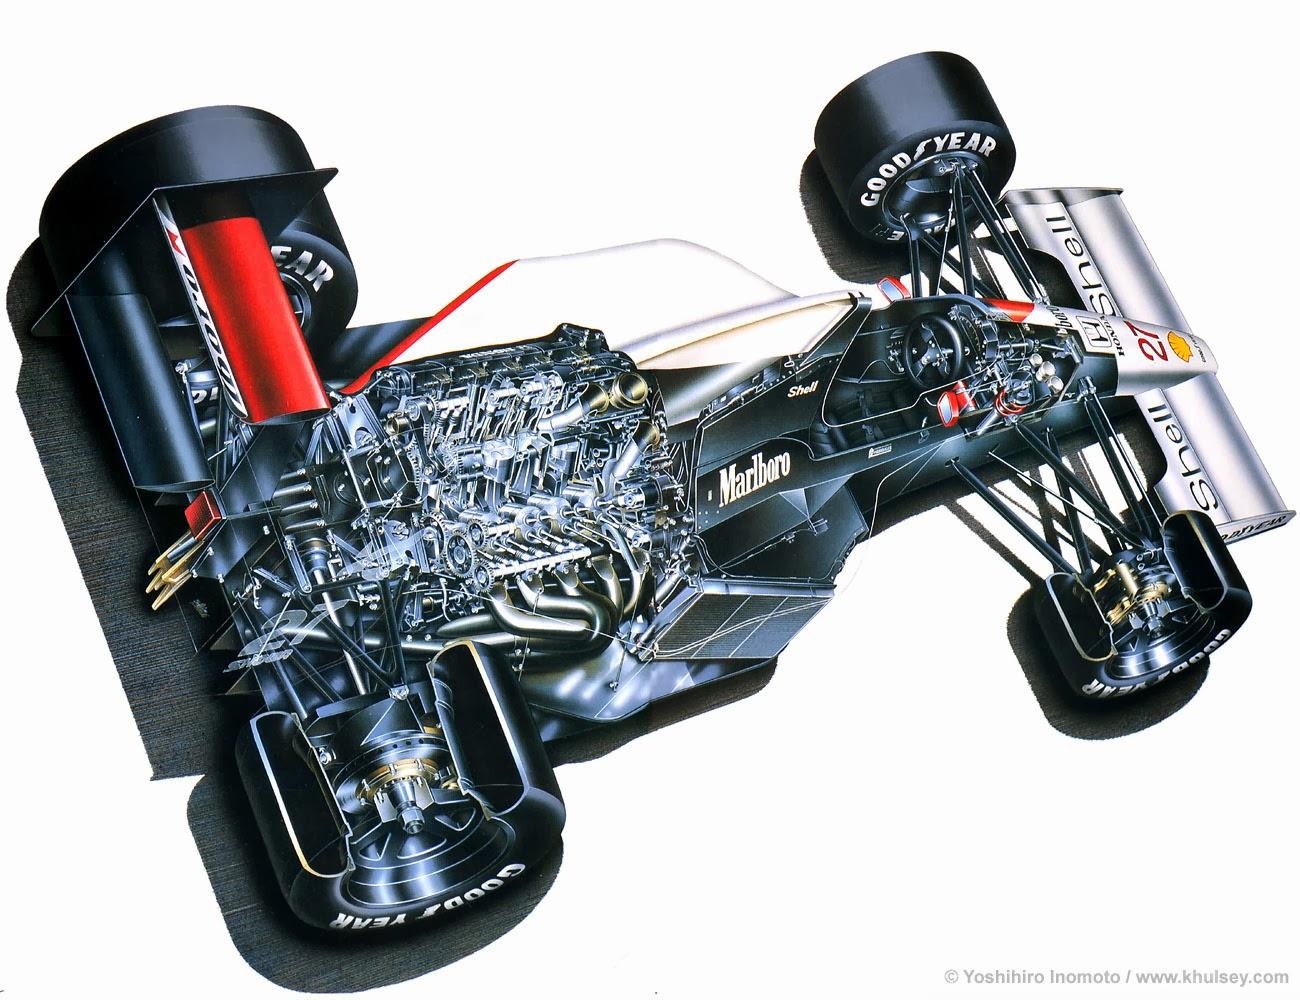 Turbo Mclaren f1 of The Mclaren Honda f1